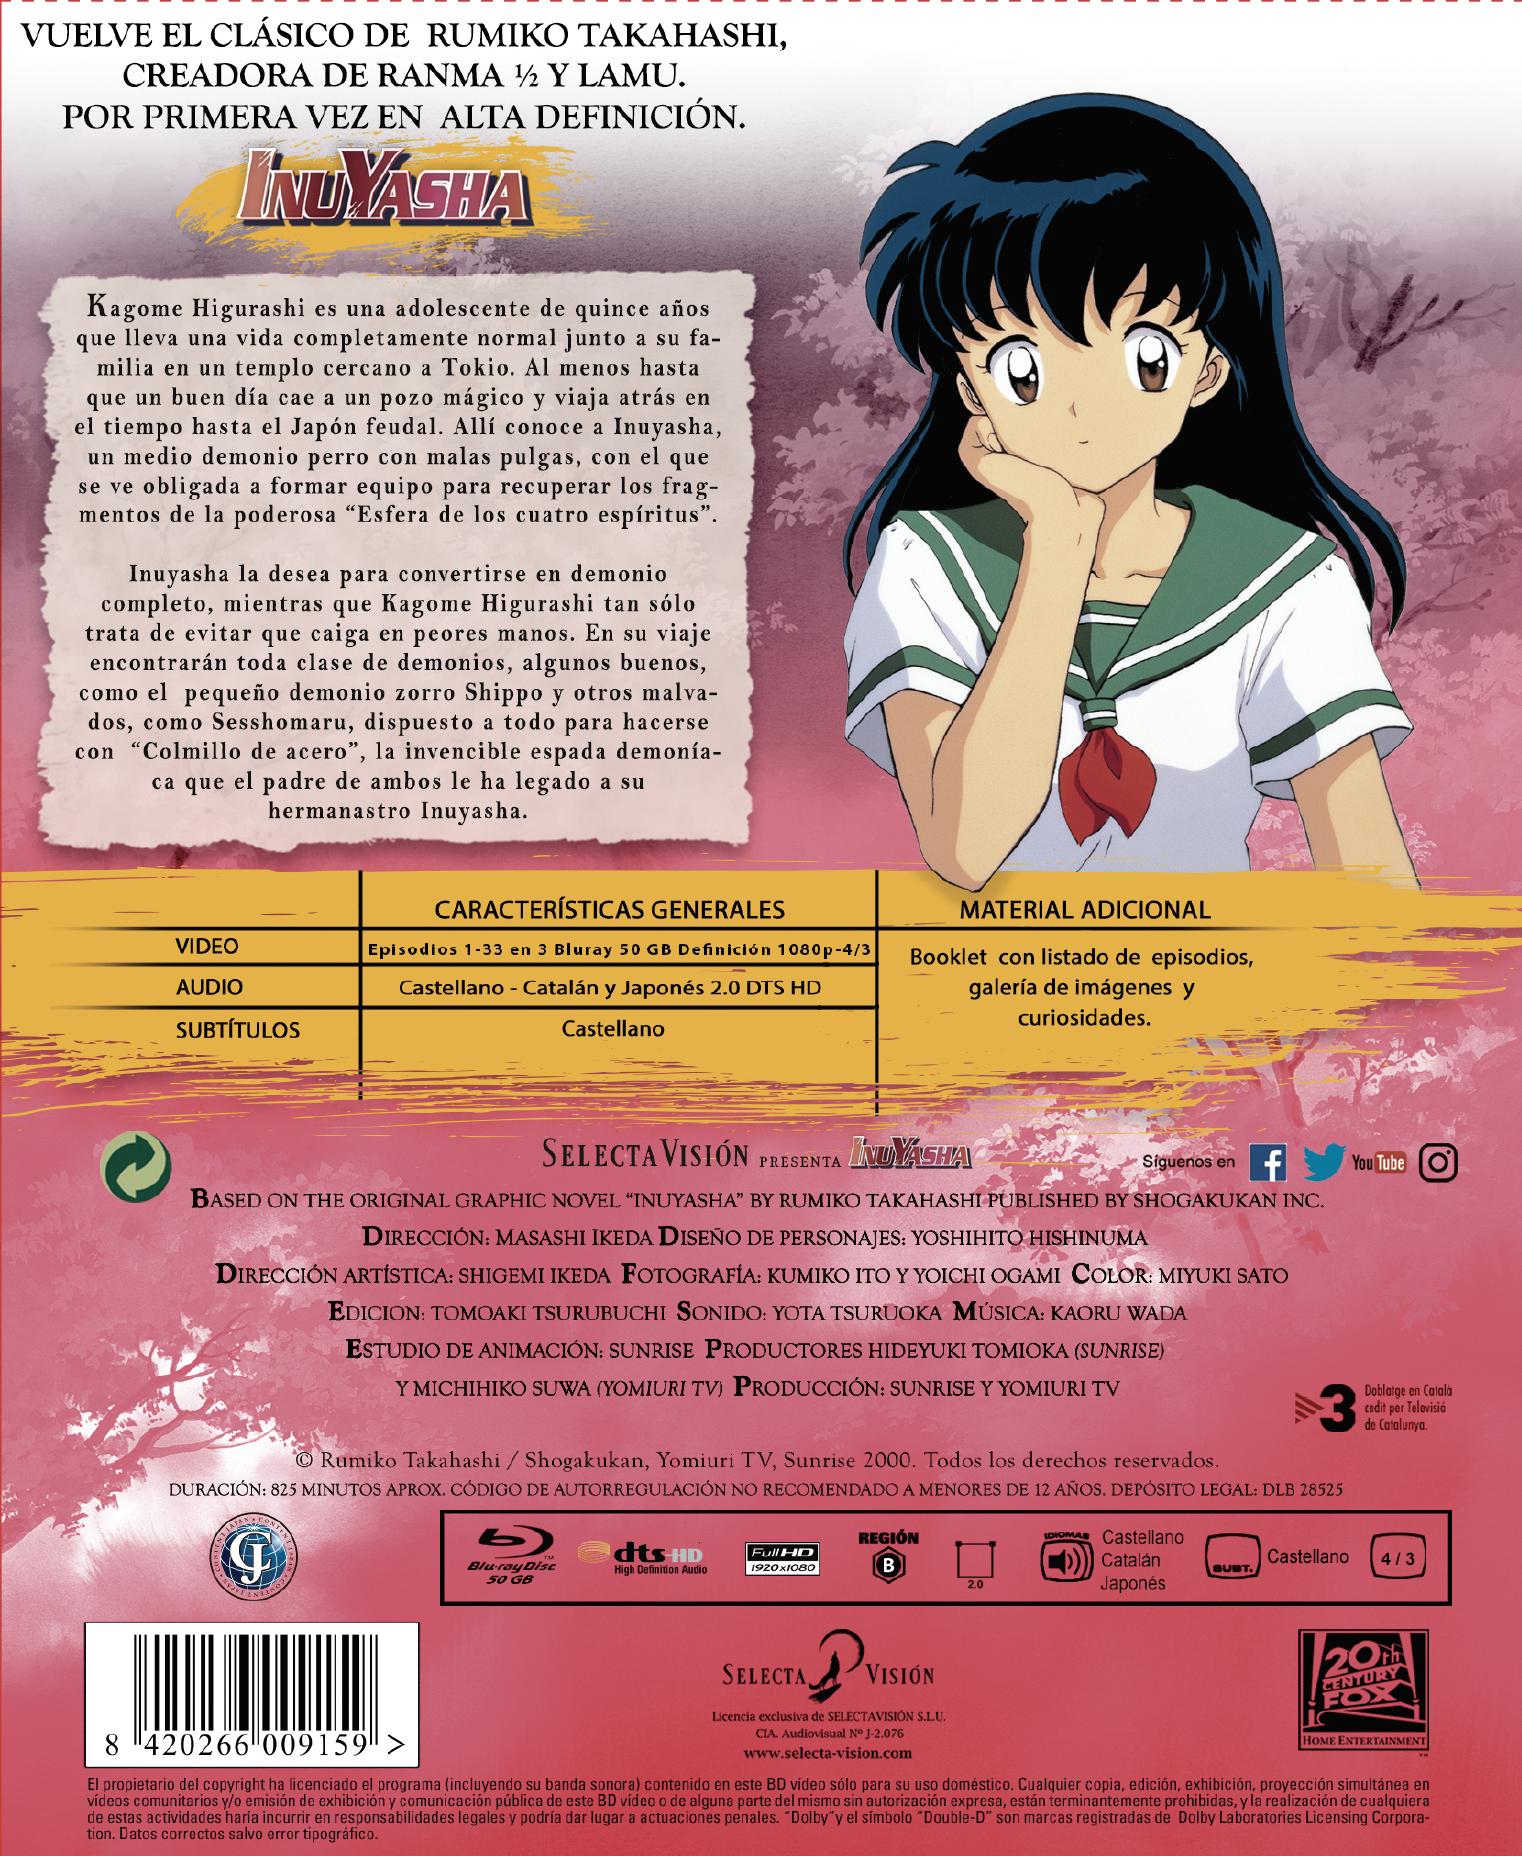 'InuYasha: Temporada 1' en Blu-ray y Dvd en Abril [ACTUALIZADO] • En tu pantalla